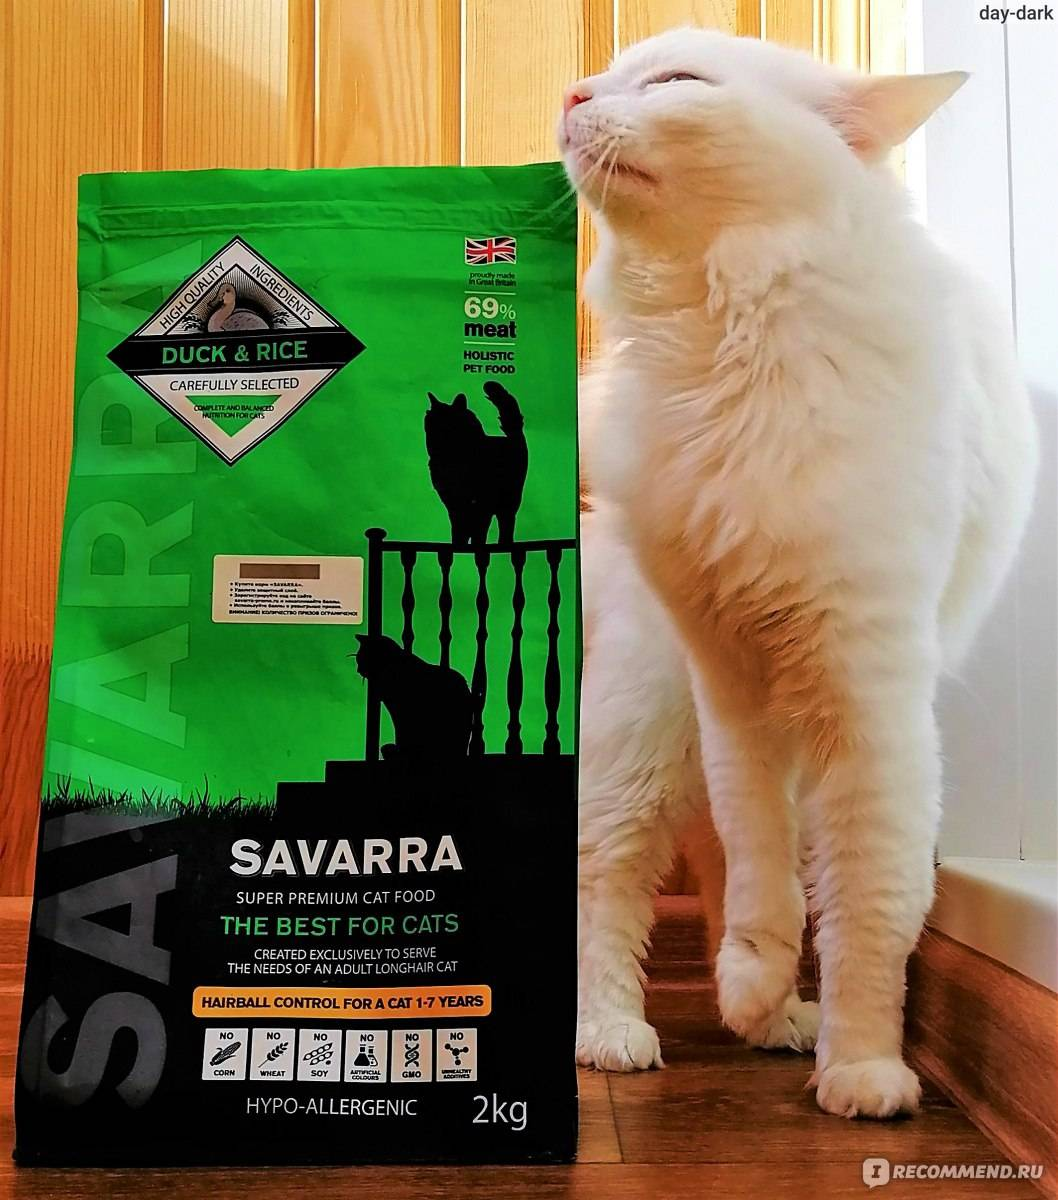 Корм для кошек савара (savarra): обзор, виды, состав, отзывы